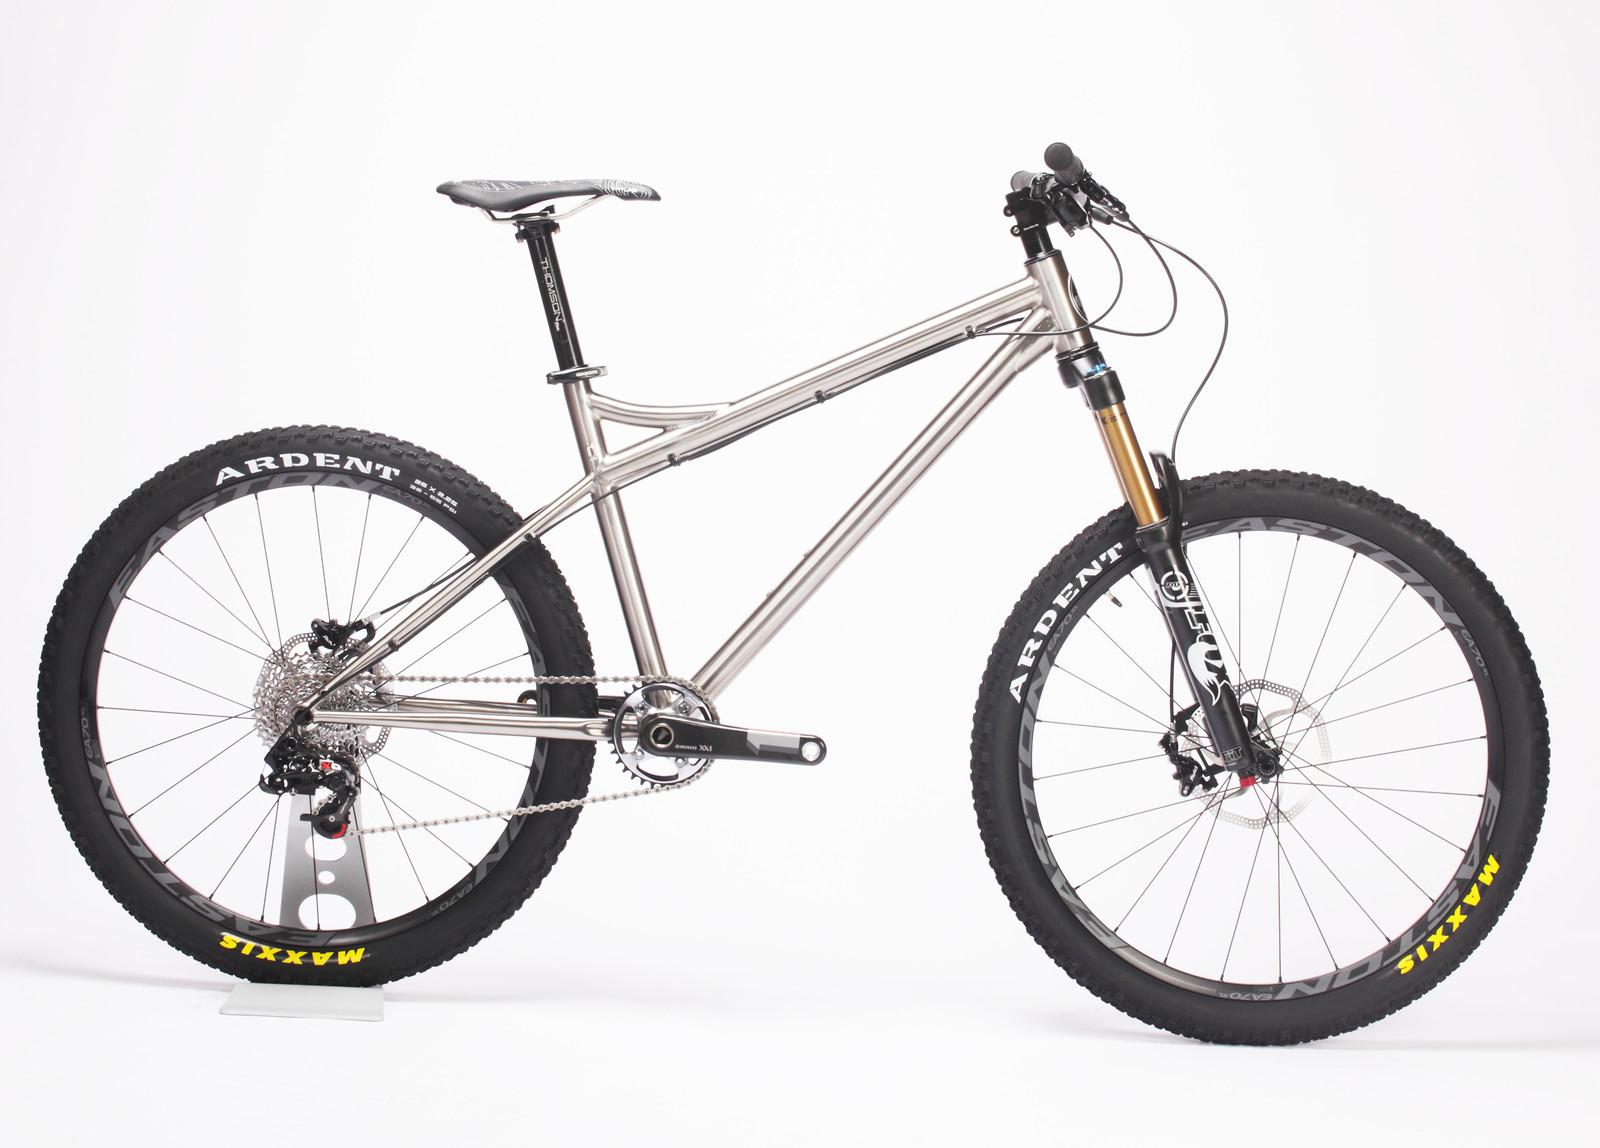 RSD Bikes